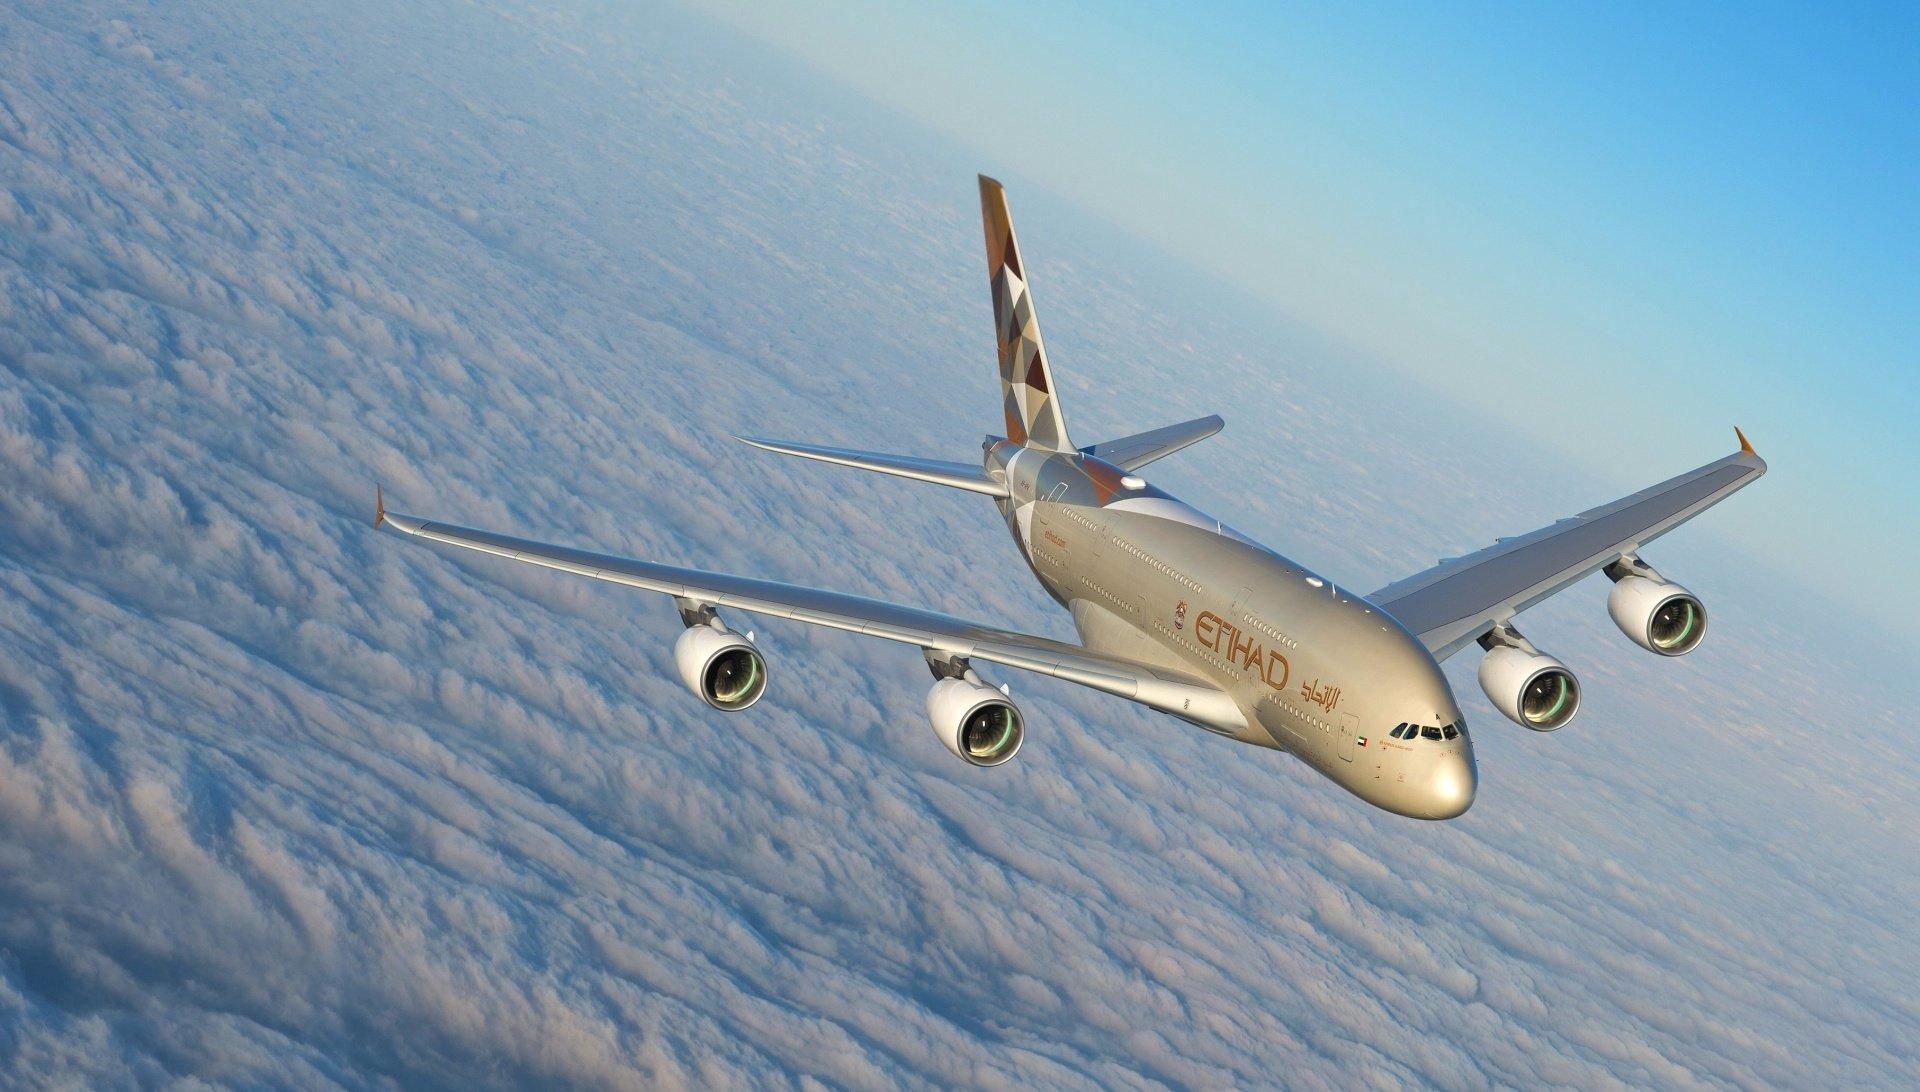 """Skončila výroba Airbusu A380. """"Superjumbo"""" mělo odstartovat novou éru létání, ta ale nepřišla"""